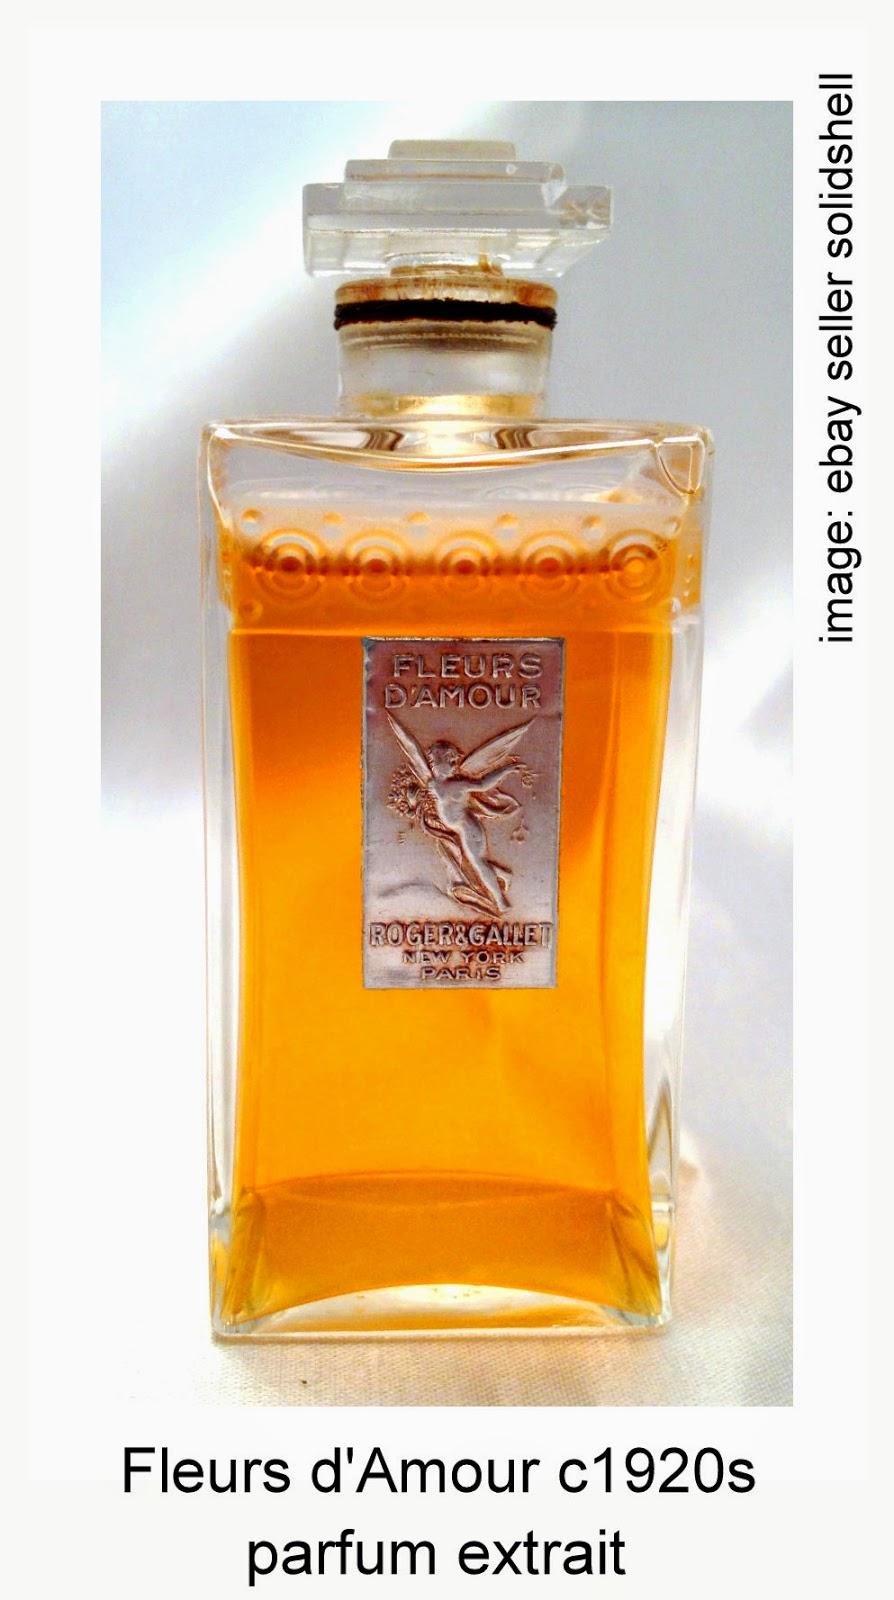 Cleopatra S Boudoir Fleurs D Amour By Roger Et Gallet C1902